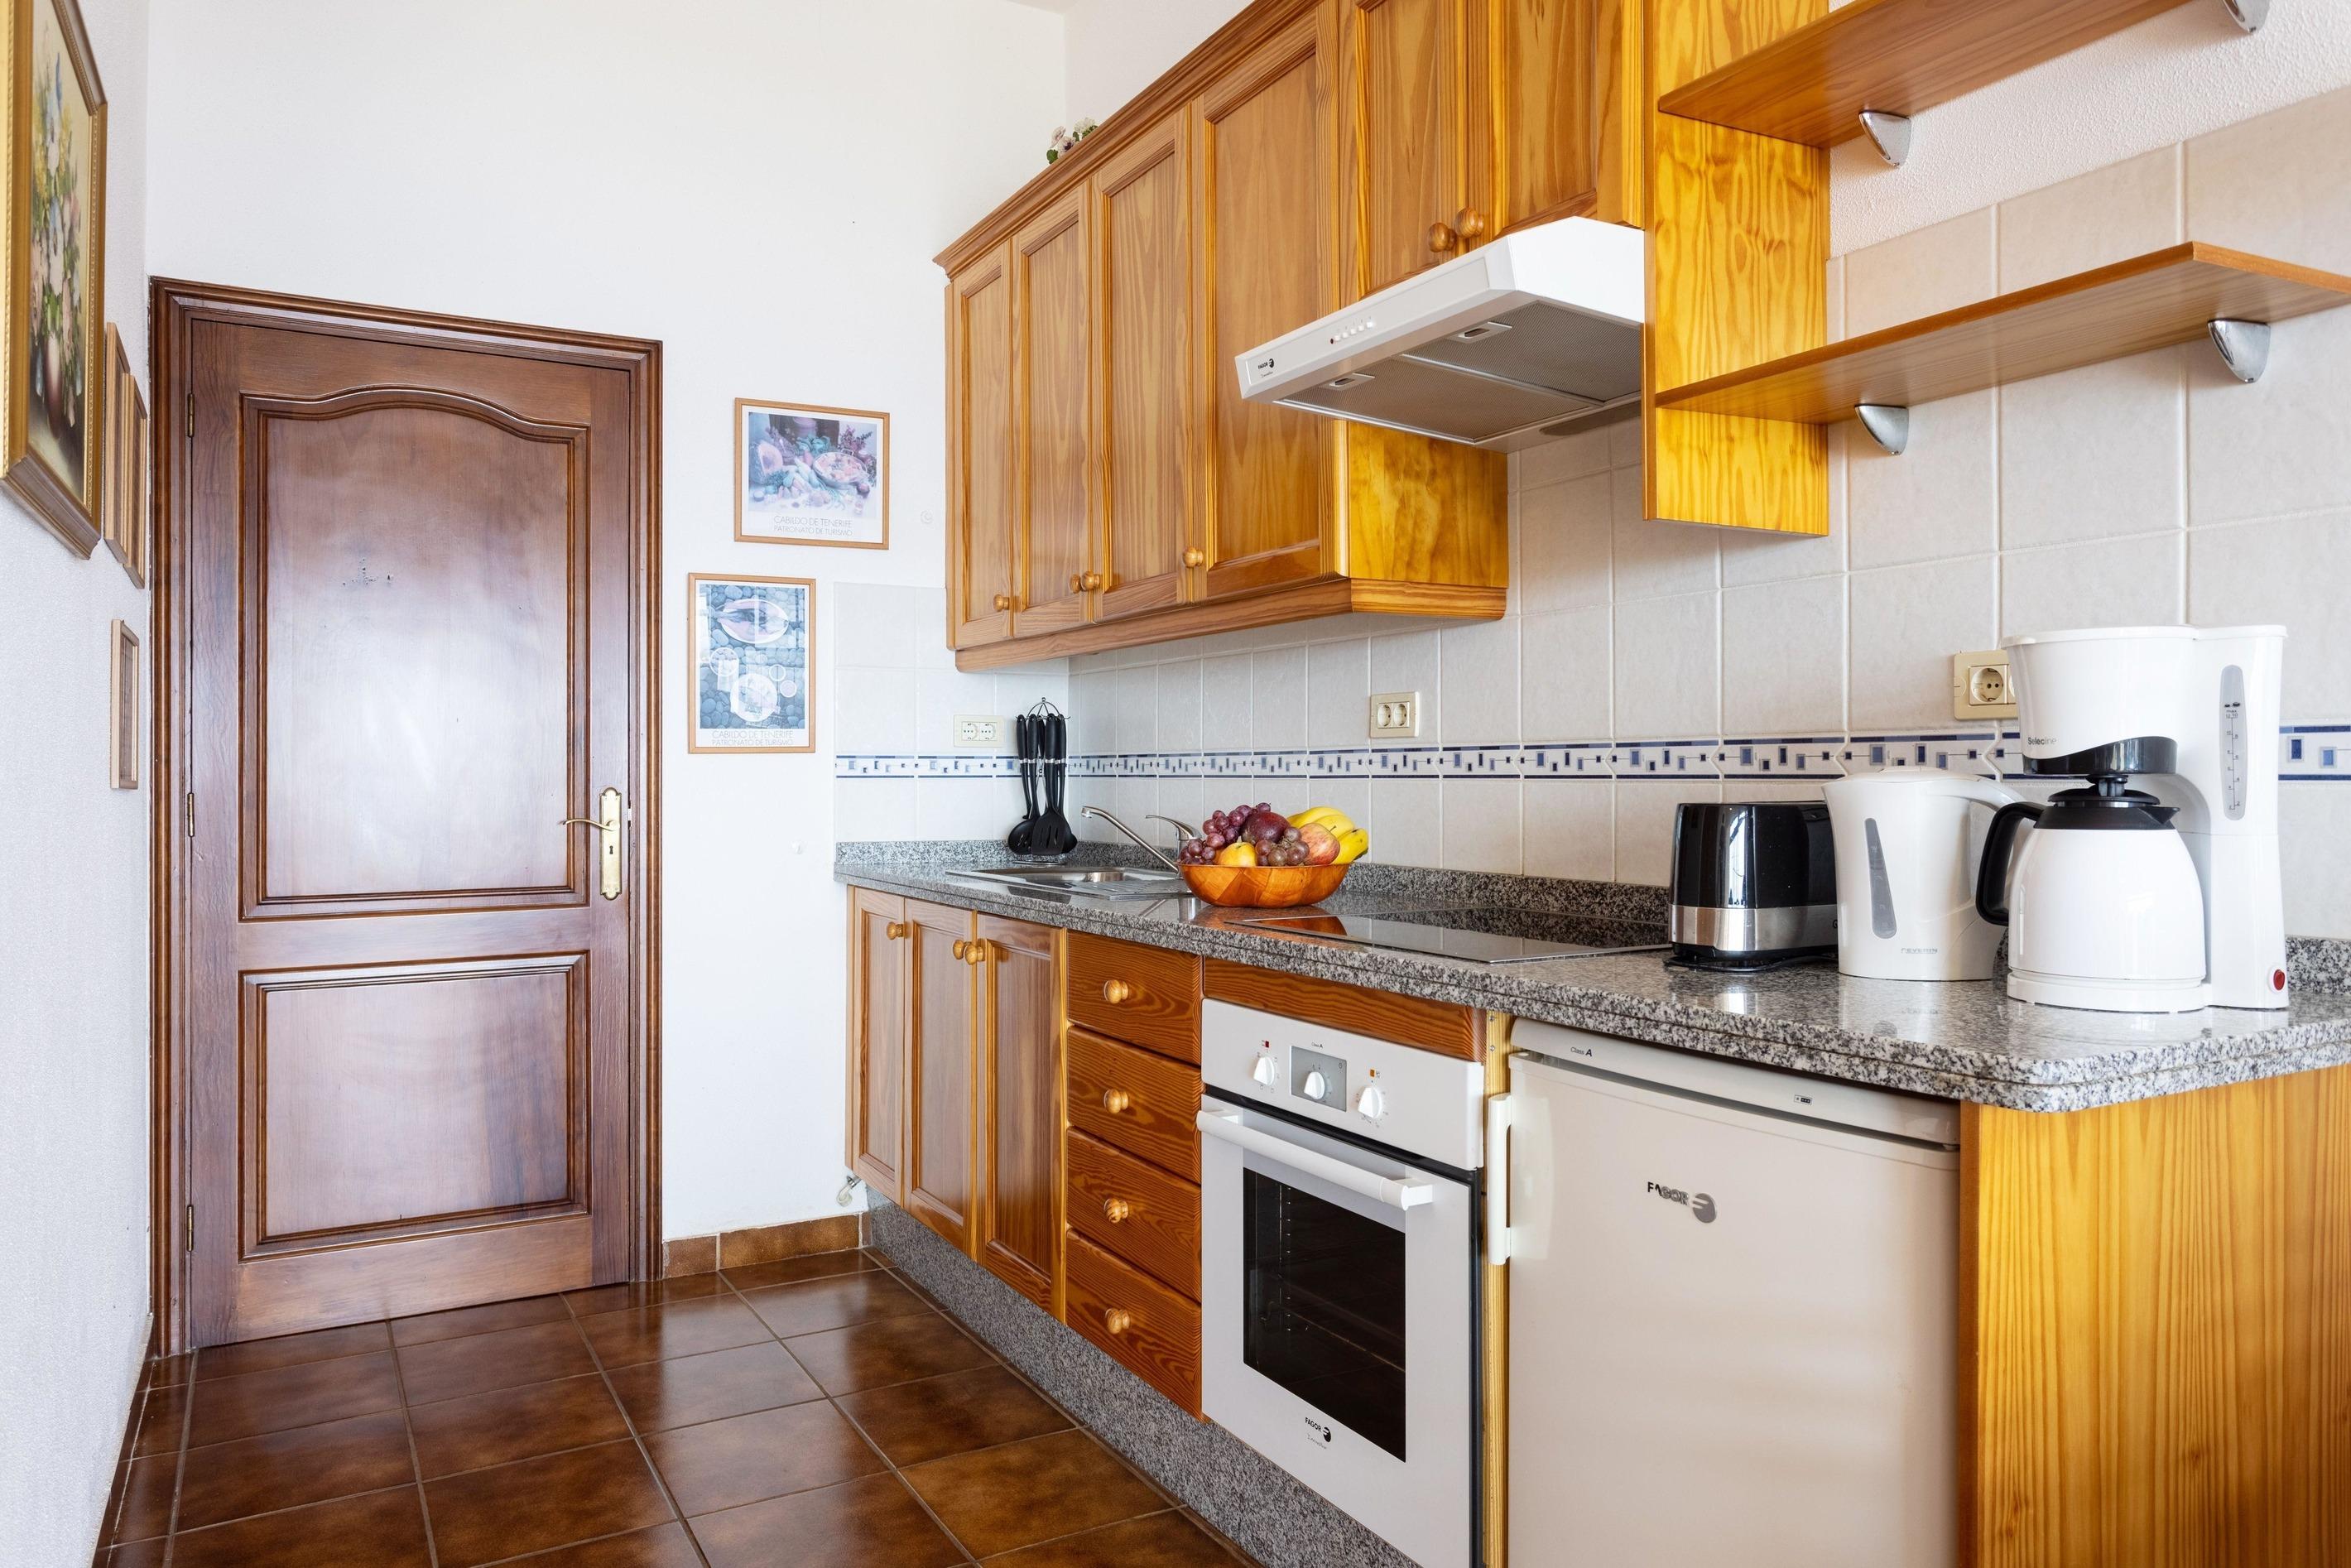 Appartement de vacances Fewo Solymar, mit 2 Schlafzimmern, 2 Bädern, eigener Terrasse und Garten, Meerblick, Pool, (2492986), Santa Ursula, Ténérife, Iles Canaries, Espagne, image 6